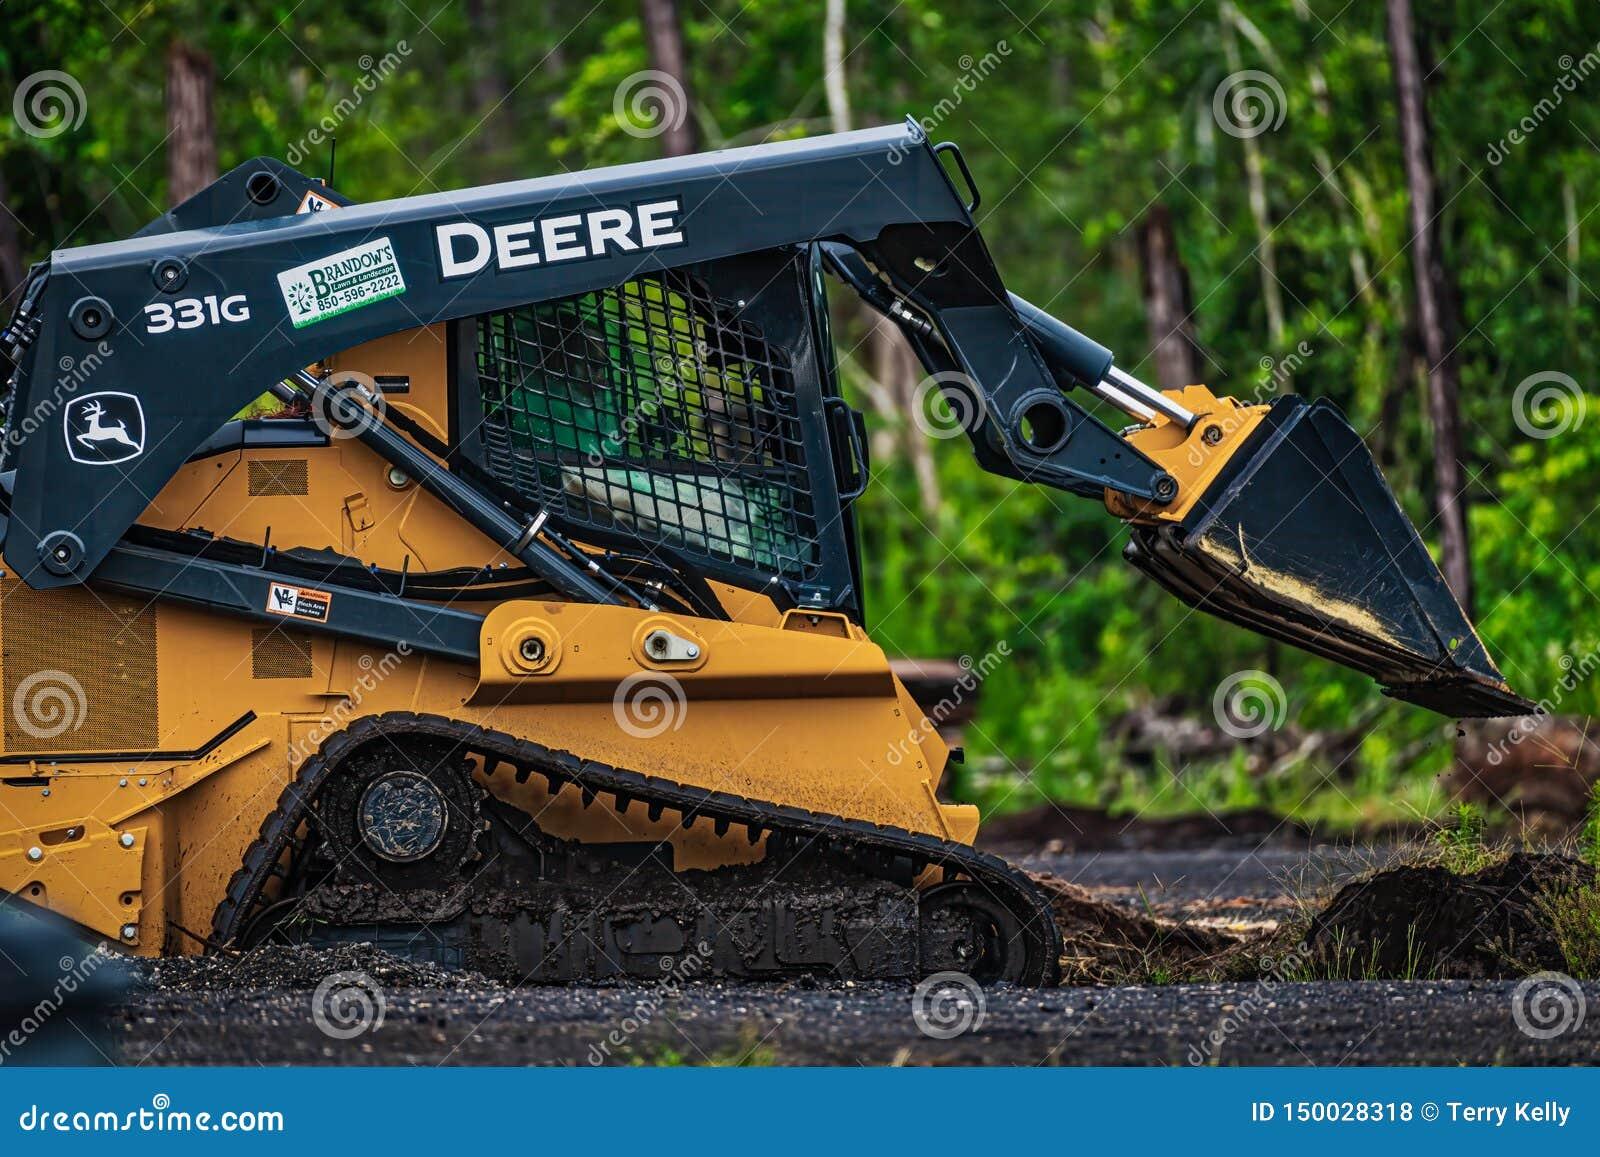 Deere 331g